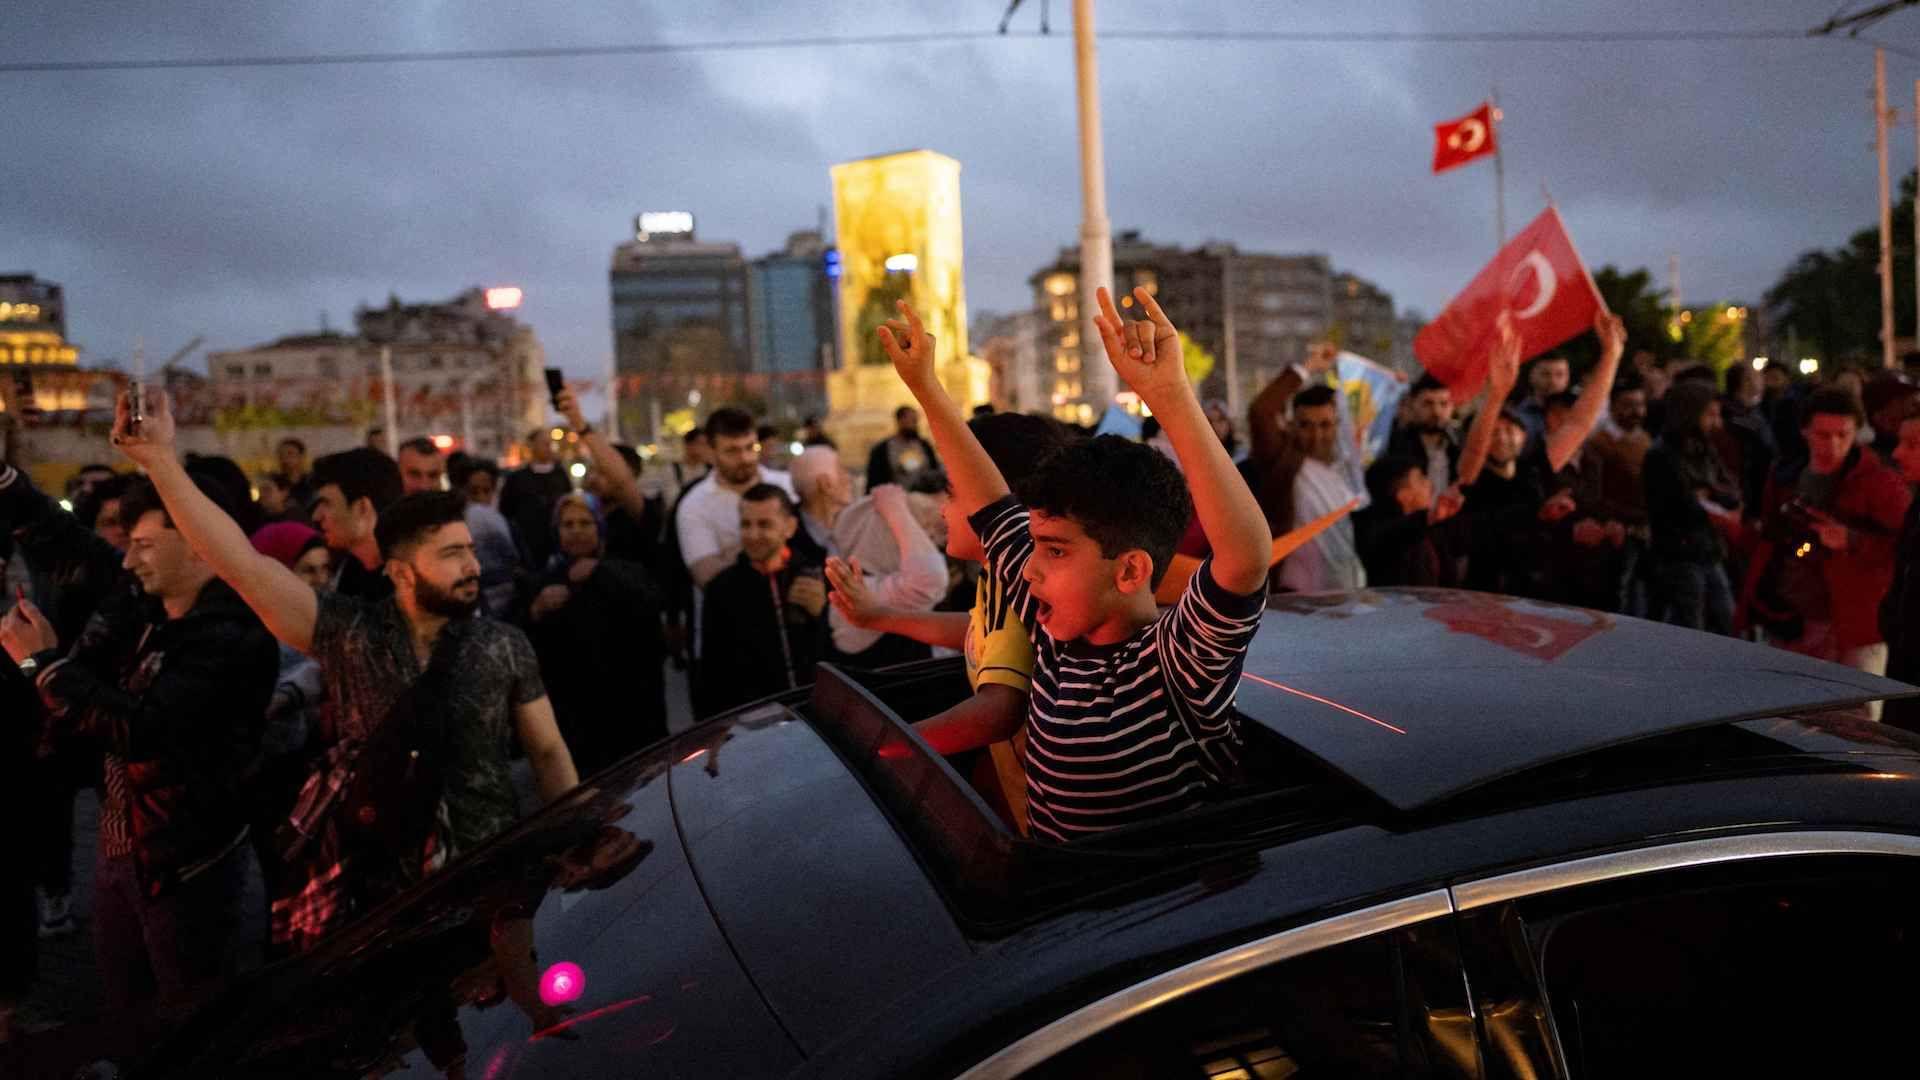 Türkei: Zwischen Demokratie und Autokratie